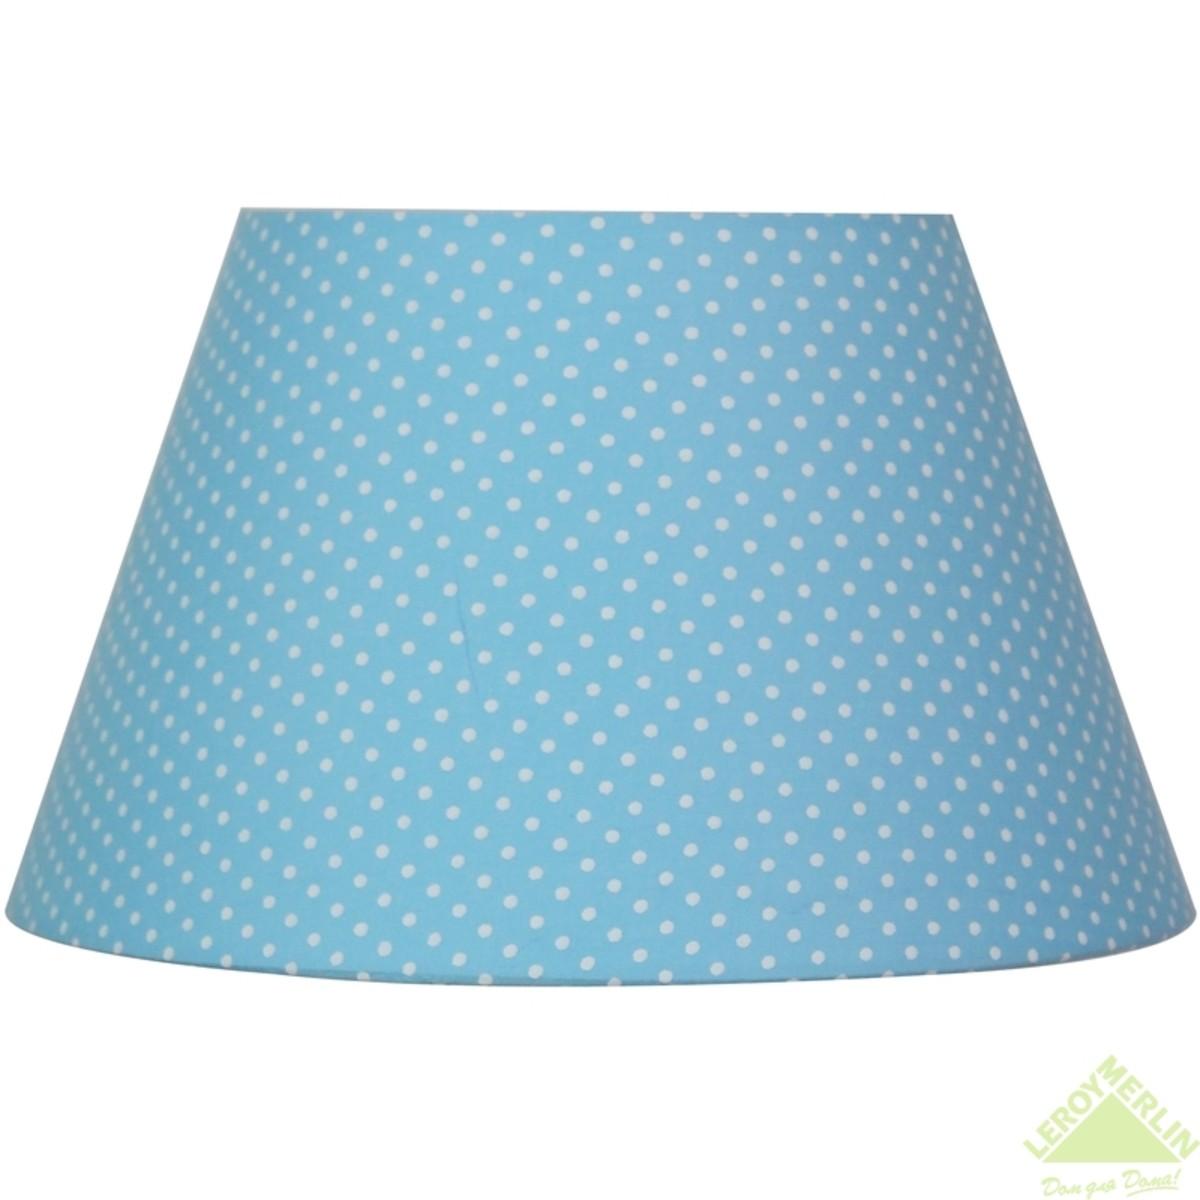 Абажур Blue with white dots средний 1xE14 цвет голубой